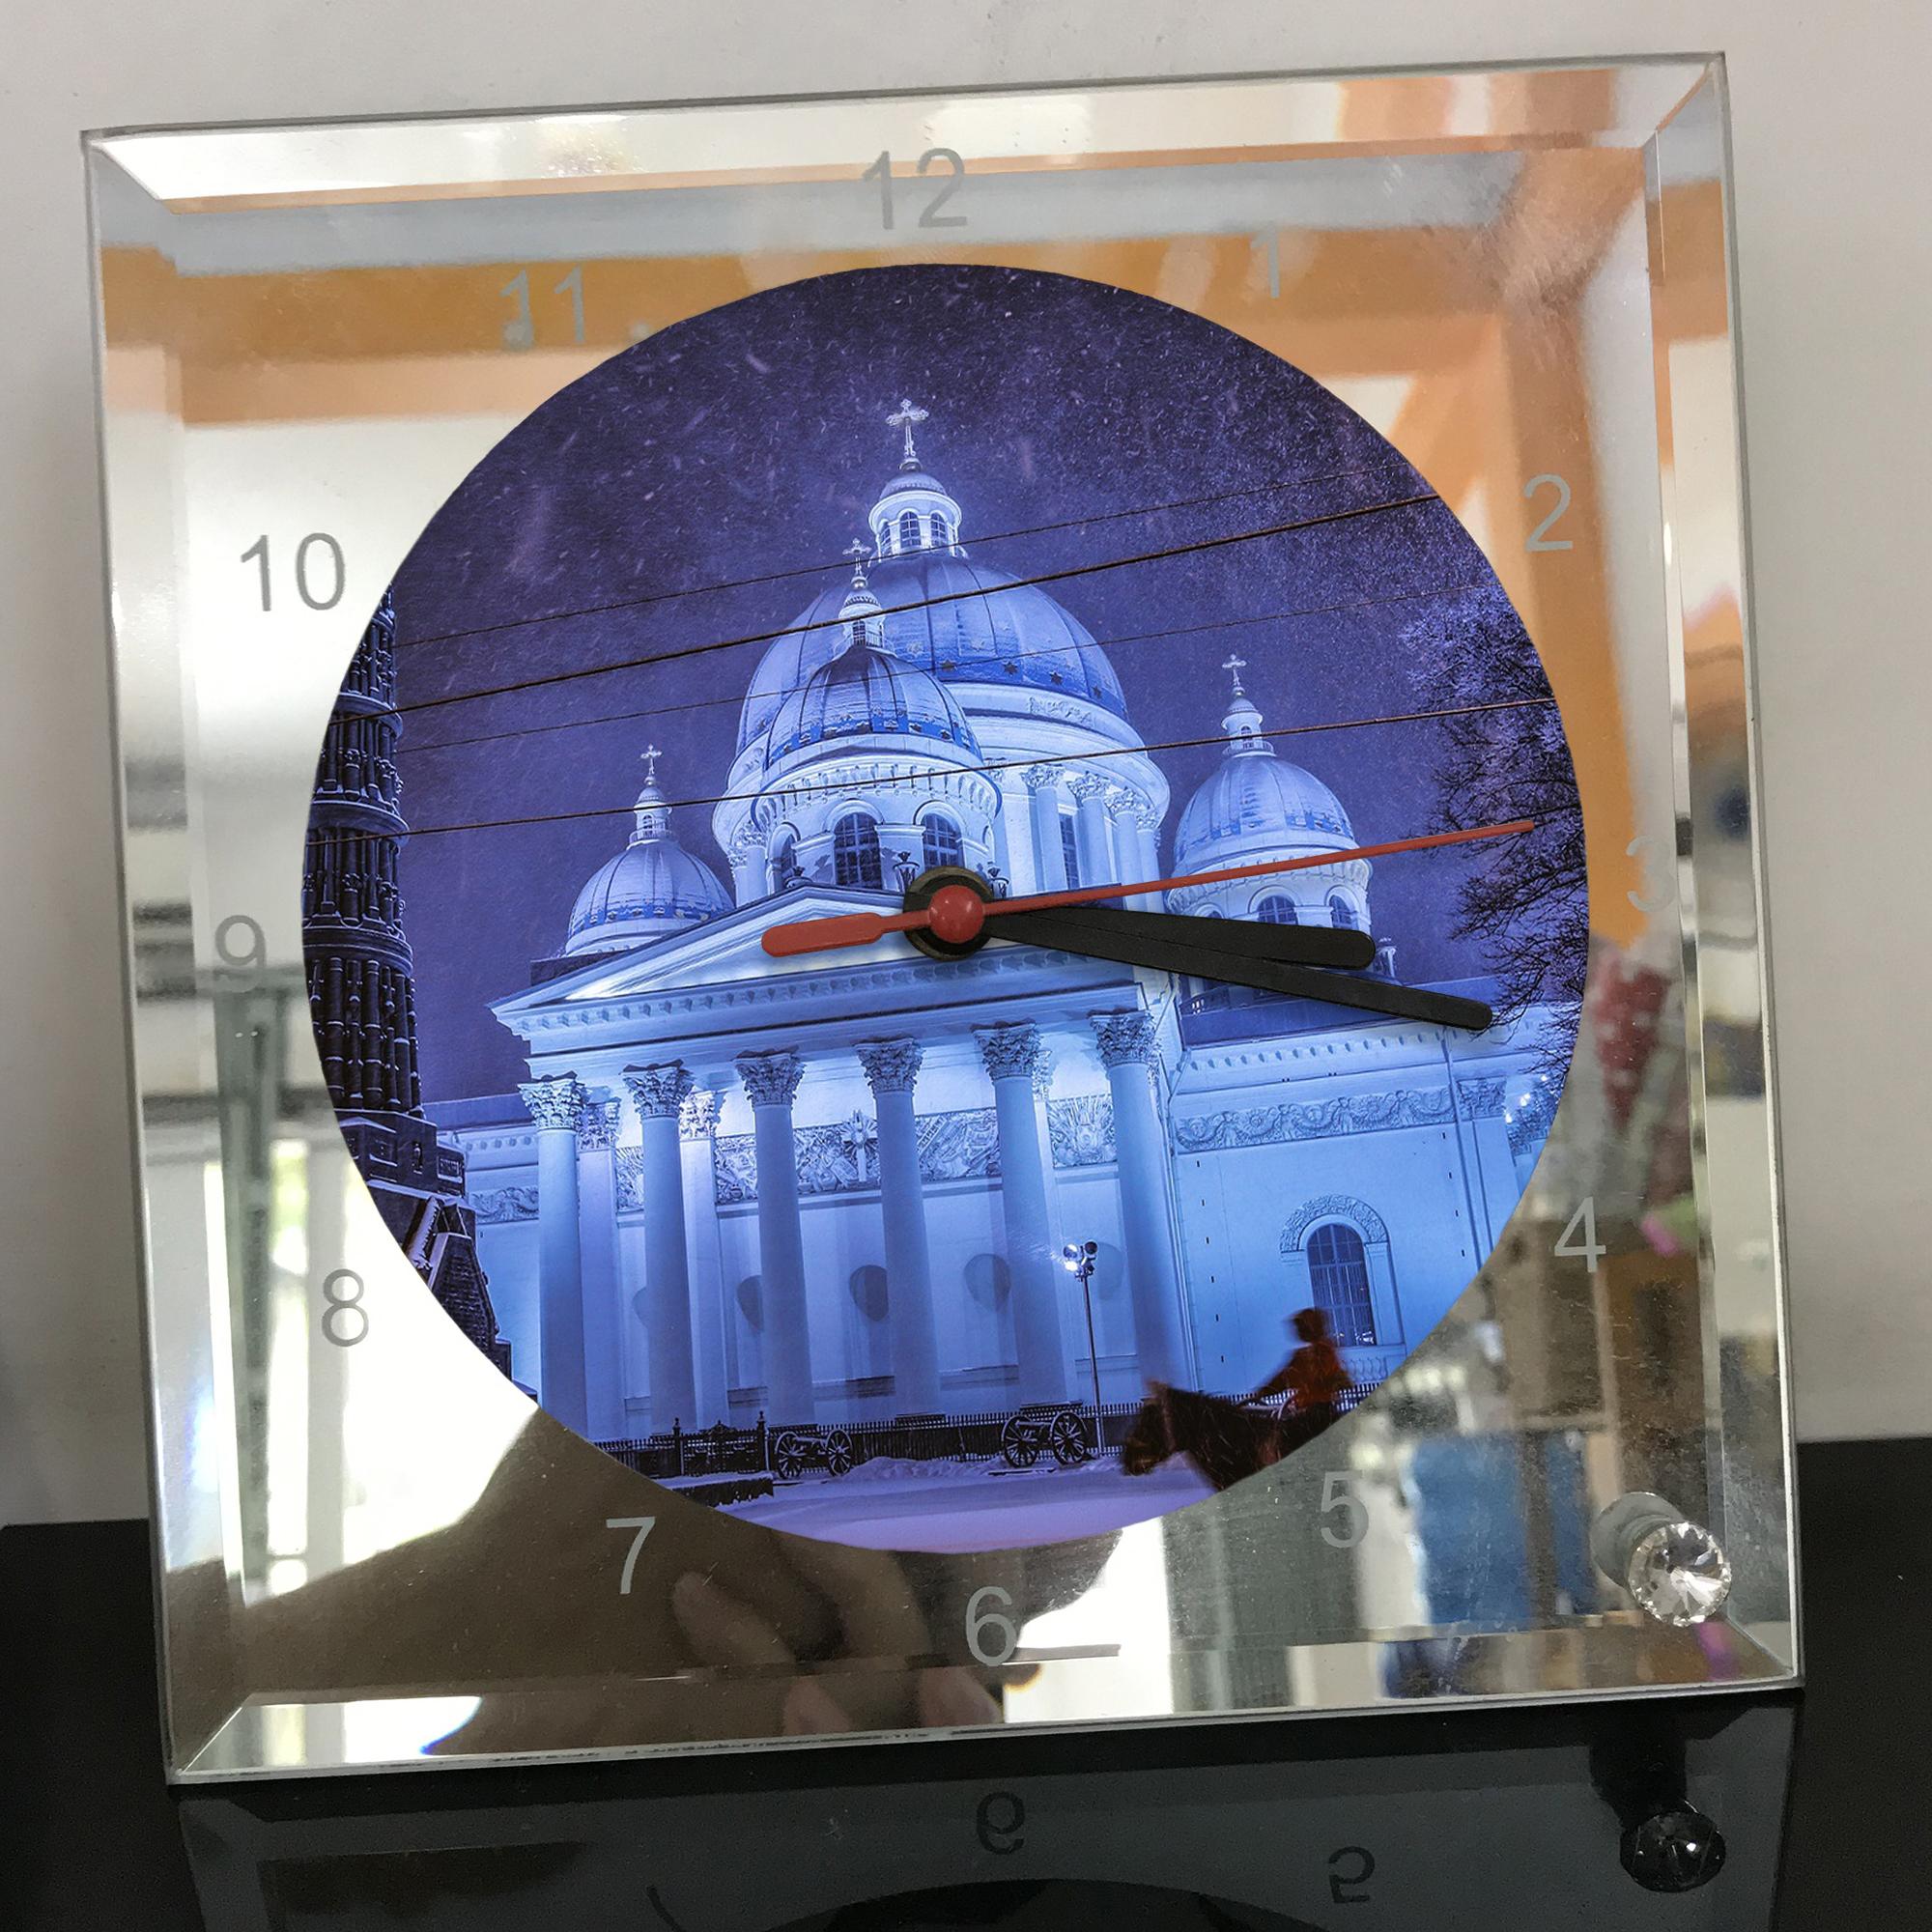 Đồng hồ thủy tinh vuông 20x20 in hình Cathedral - nhà thờ chính tòa (88) . Đồng hồ thủy tinh để bàn trang trí đẹp chủ đề tôn giáo